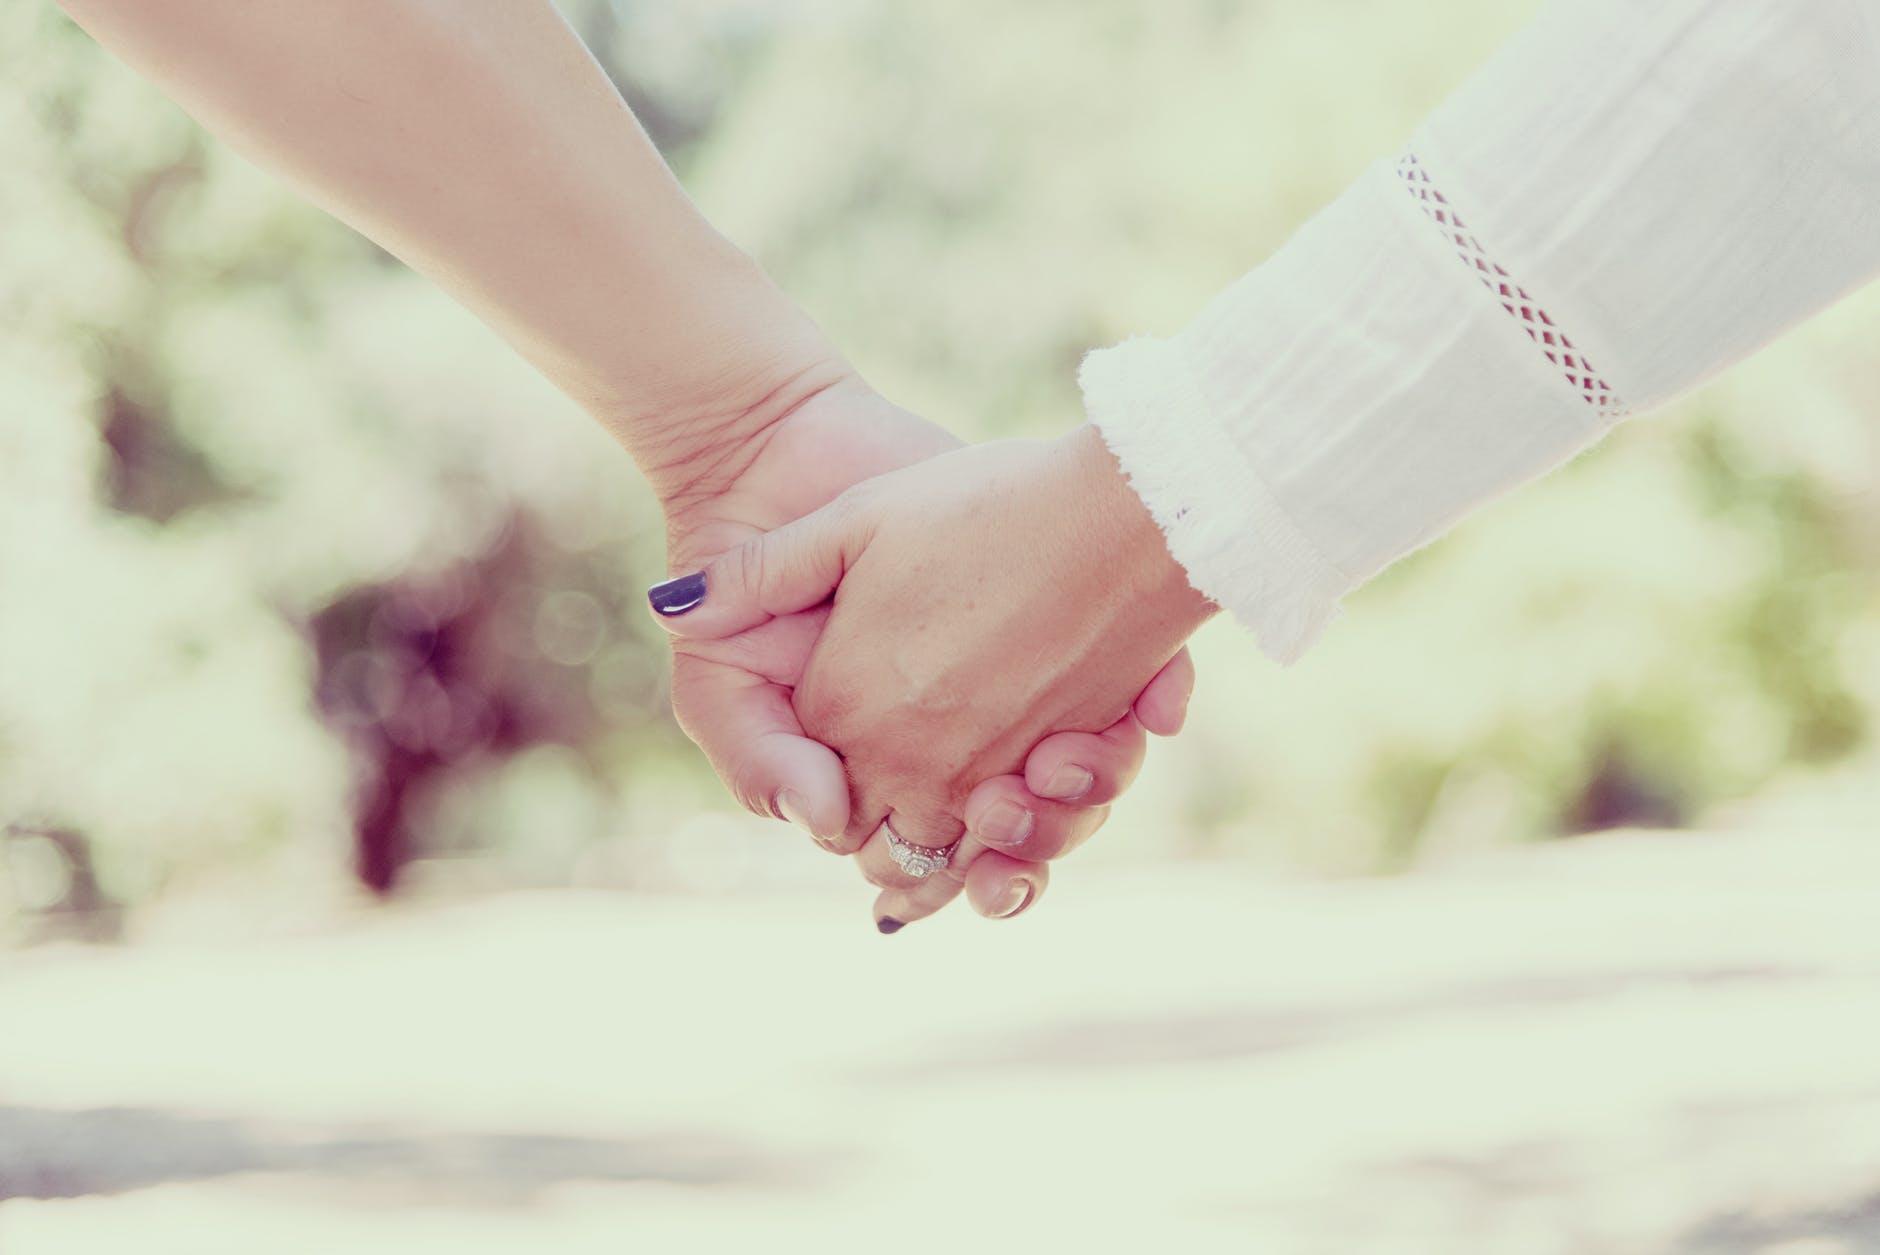 Kako izboljšati odnos s partnerjem